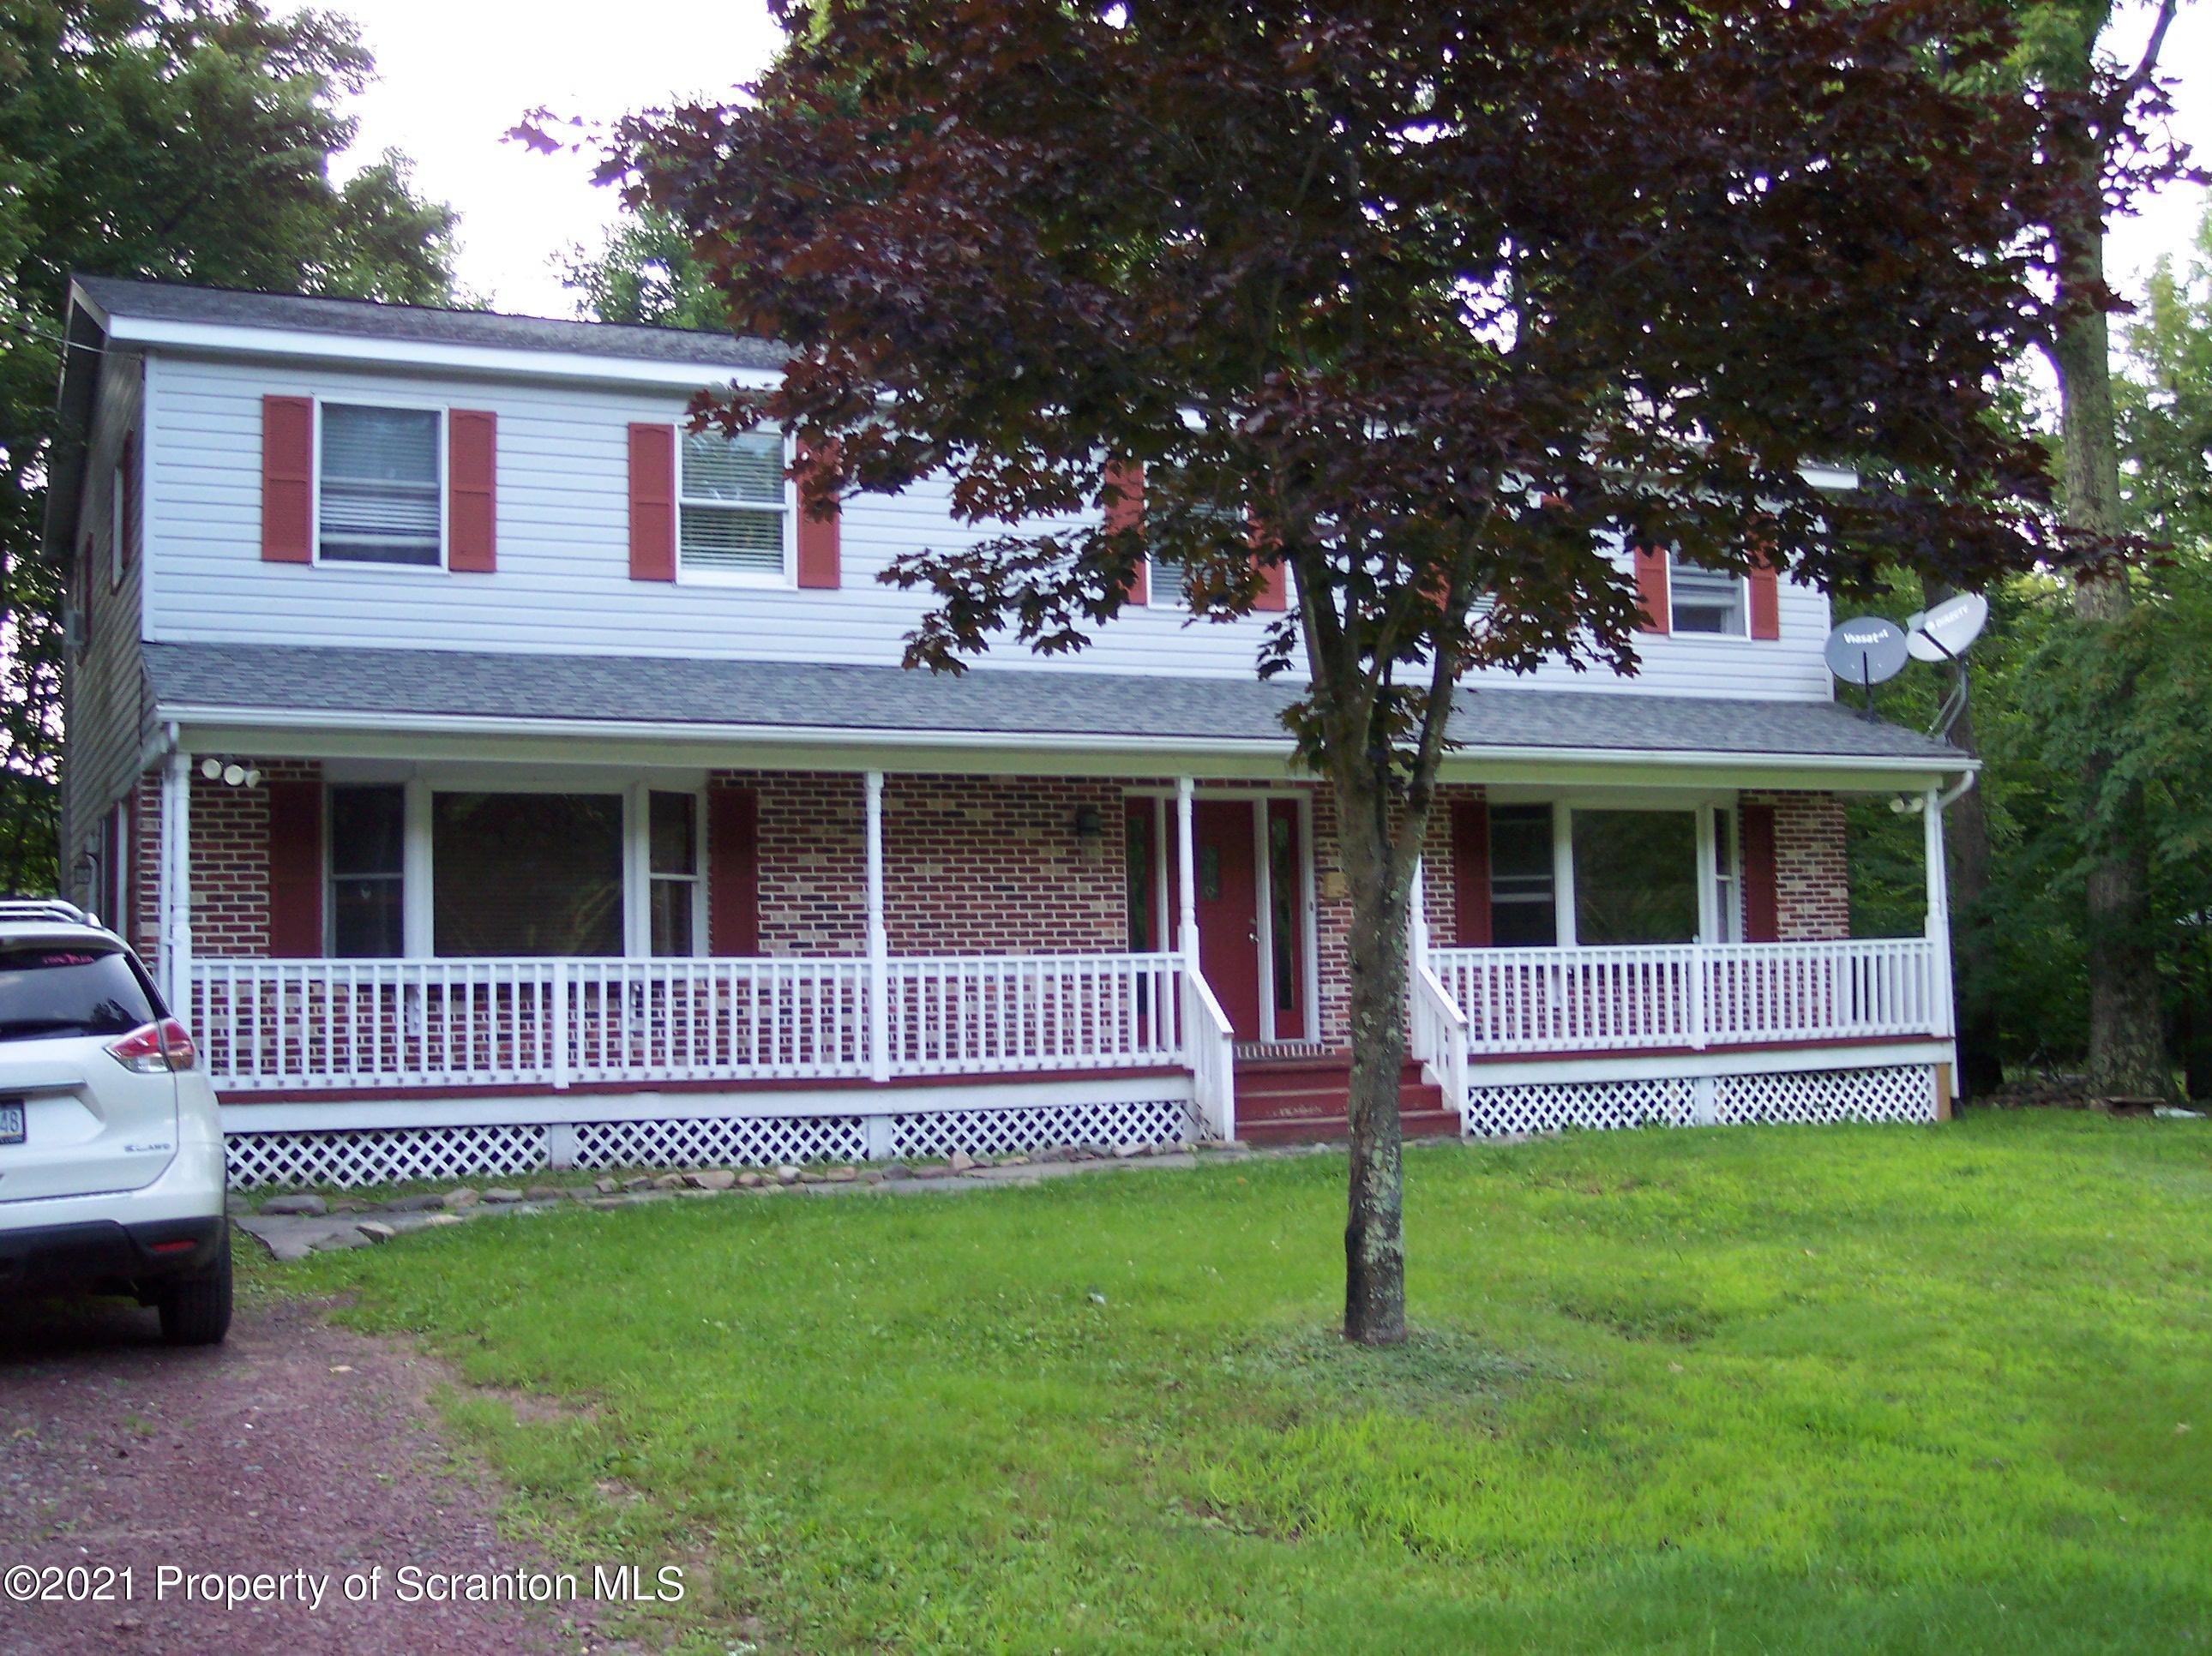 115 Evergreen, Thornhurst, Pennsylvania 18424, 4 Bedrooms Bedrooms, 8 Rooms Rooms,3 BathroomsBathrooms,Single Family,For Sale,Evergreen,21-3330